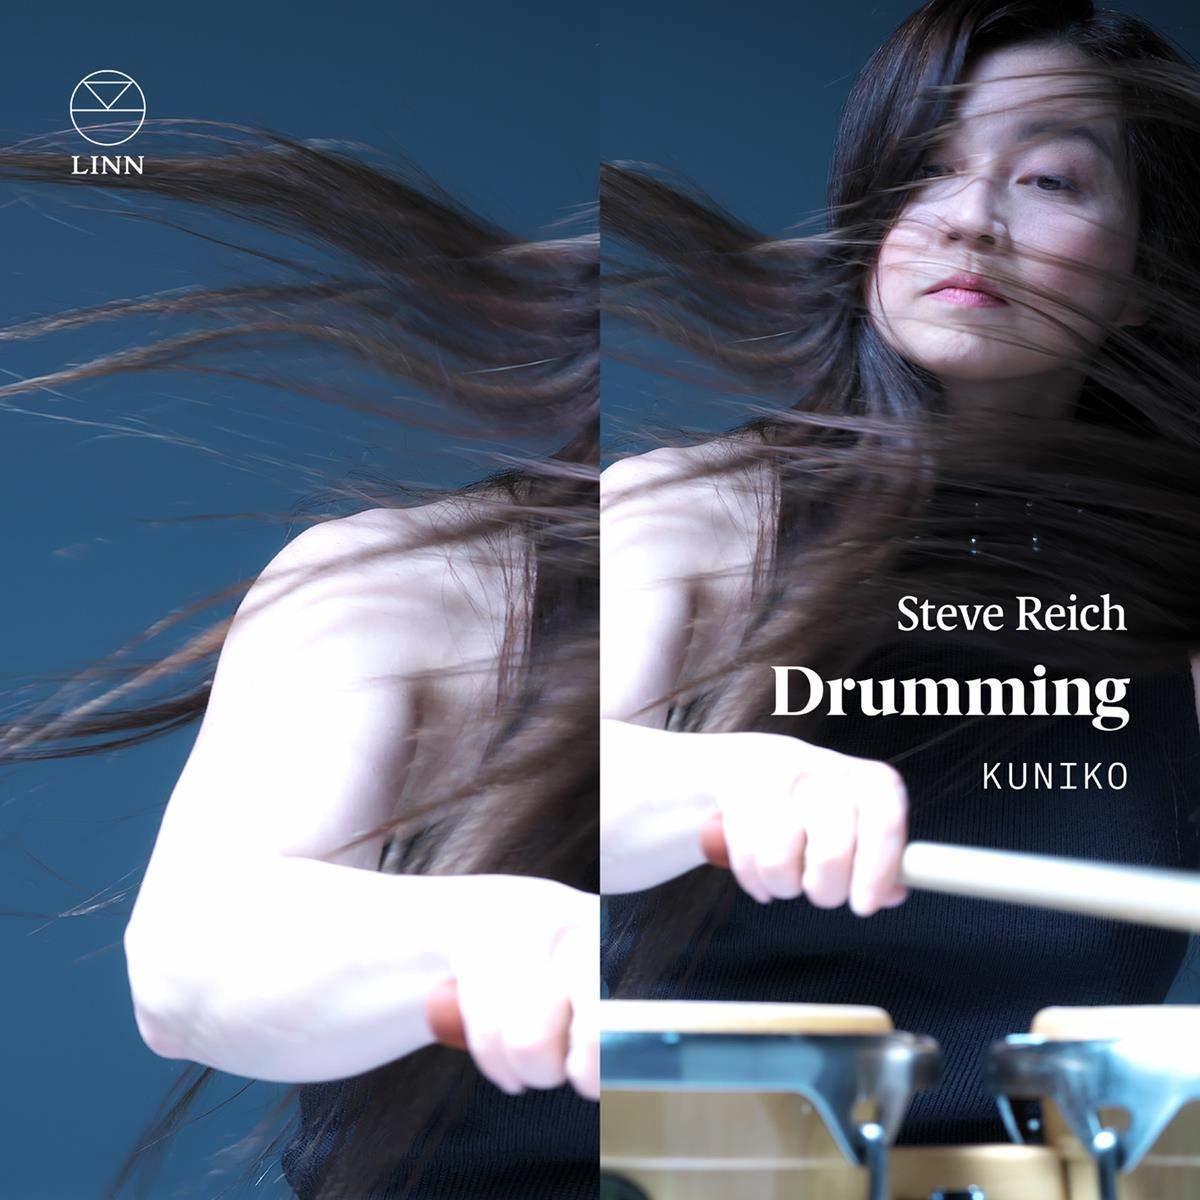 SteveReich:Drumming